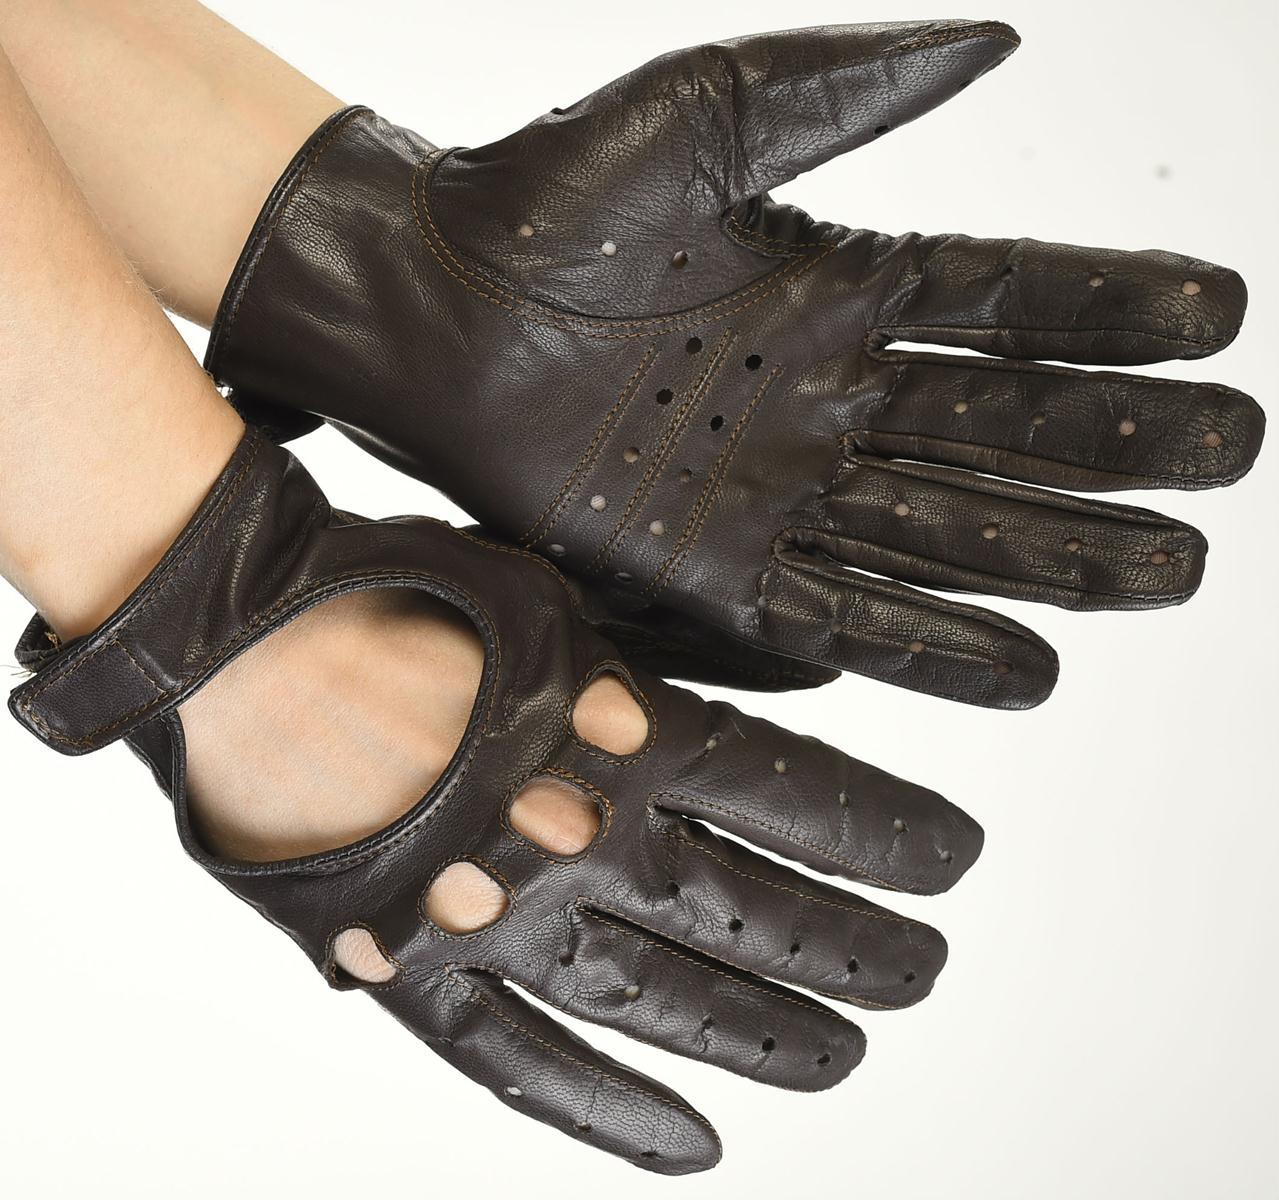 Mănuși din piele auto bărbați ABAuto1101